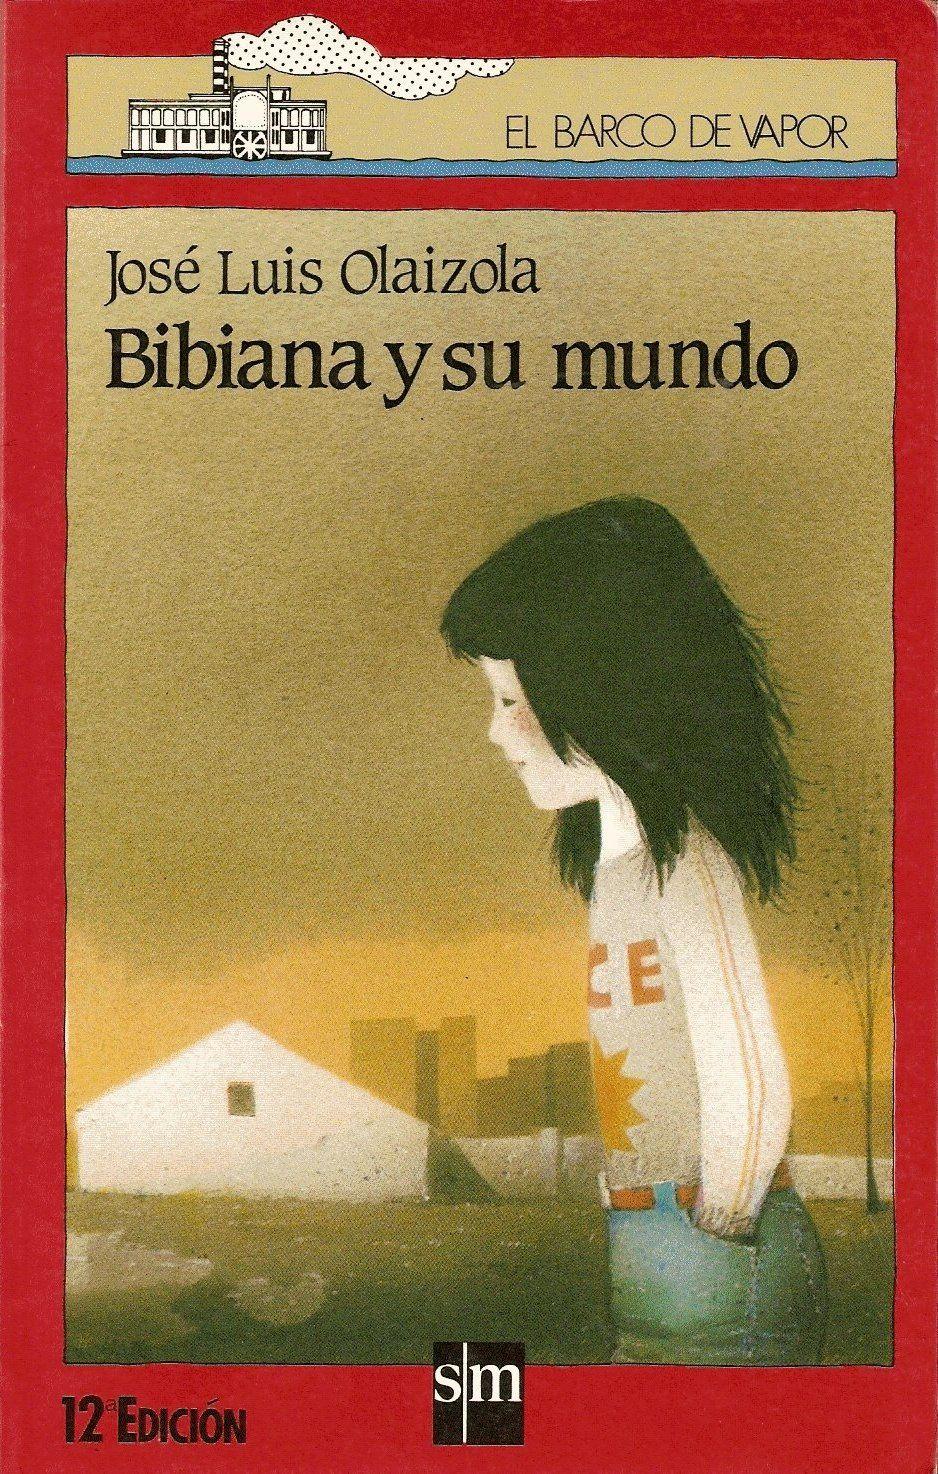 resumen-del-libro-bibiana-y-su-mundo